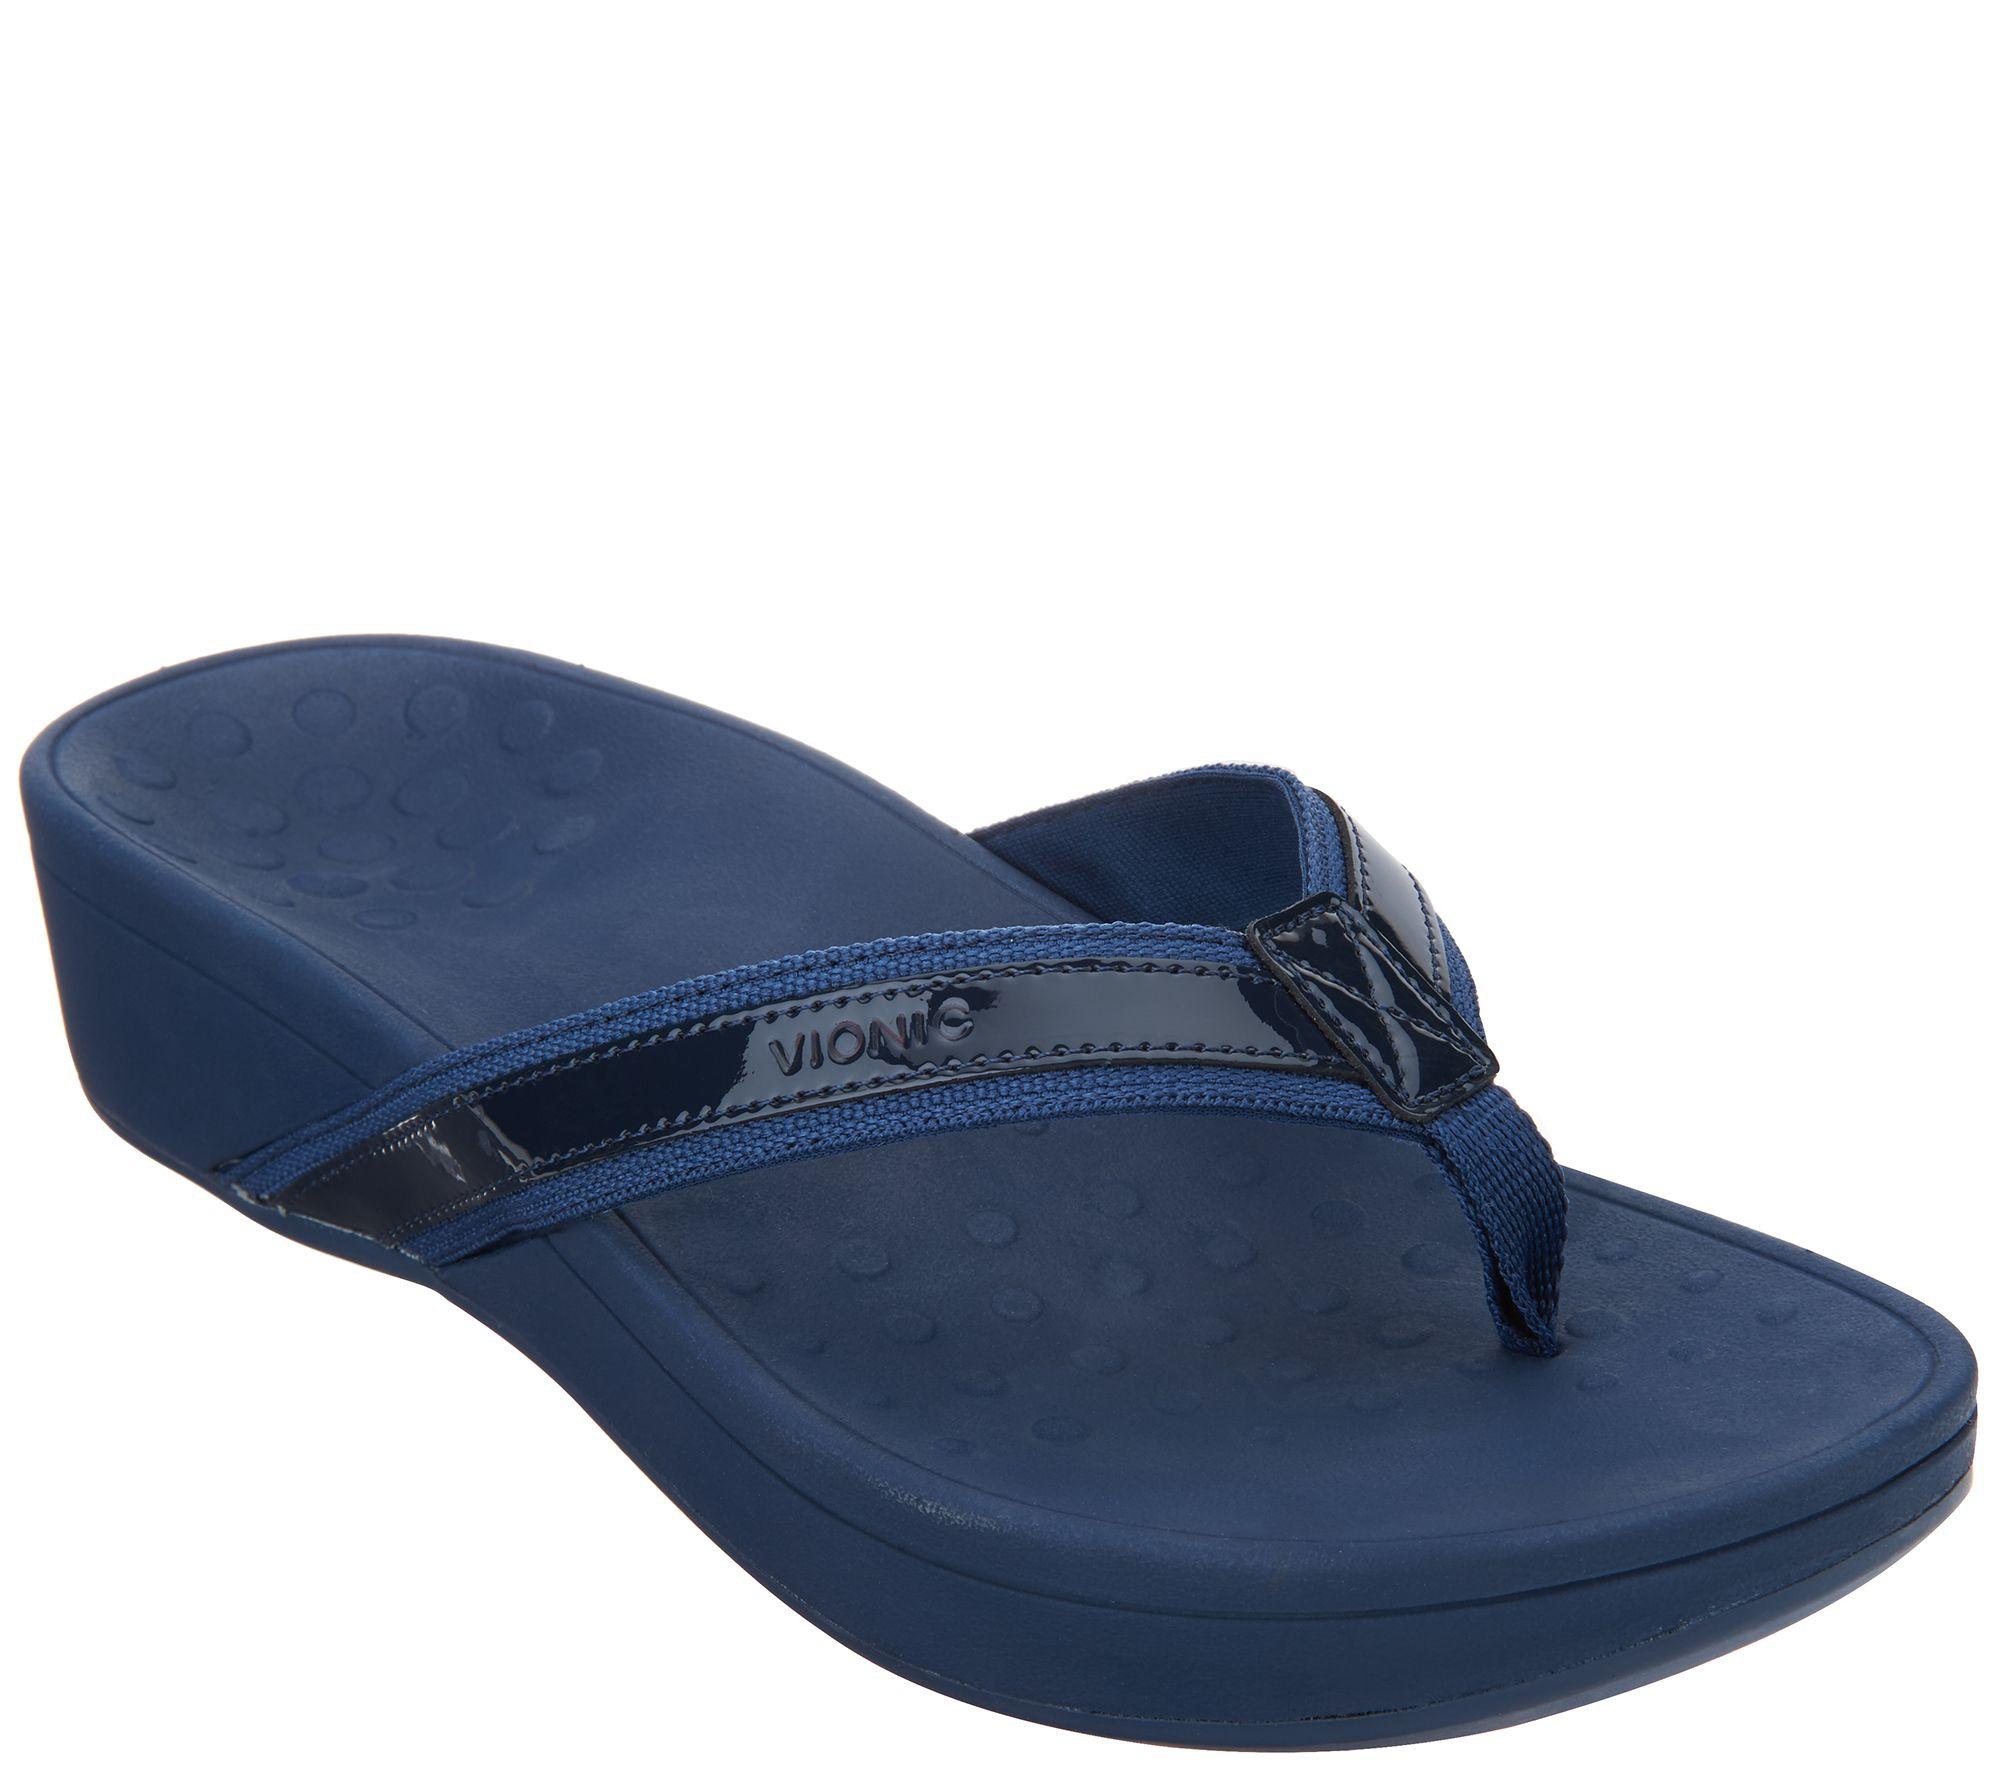 Shoes sandals flip flops - Vionic Orthotic Platform Leather Sandals High Tide A286611